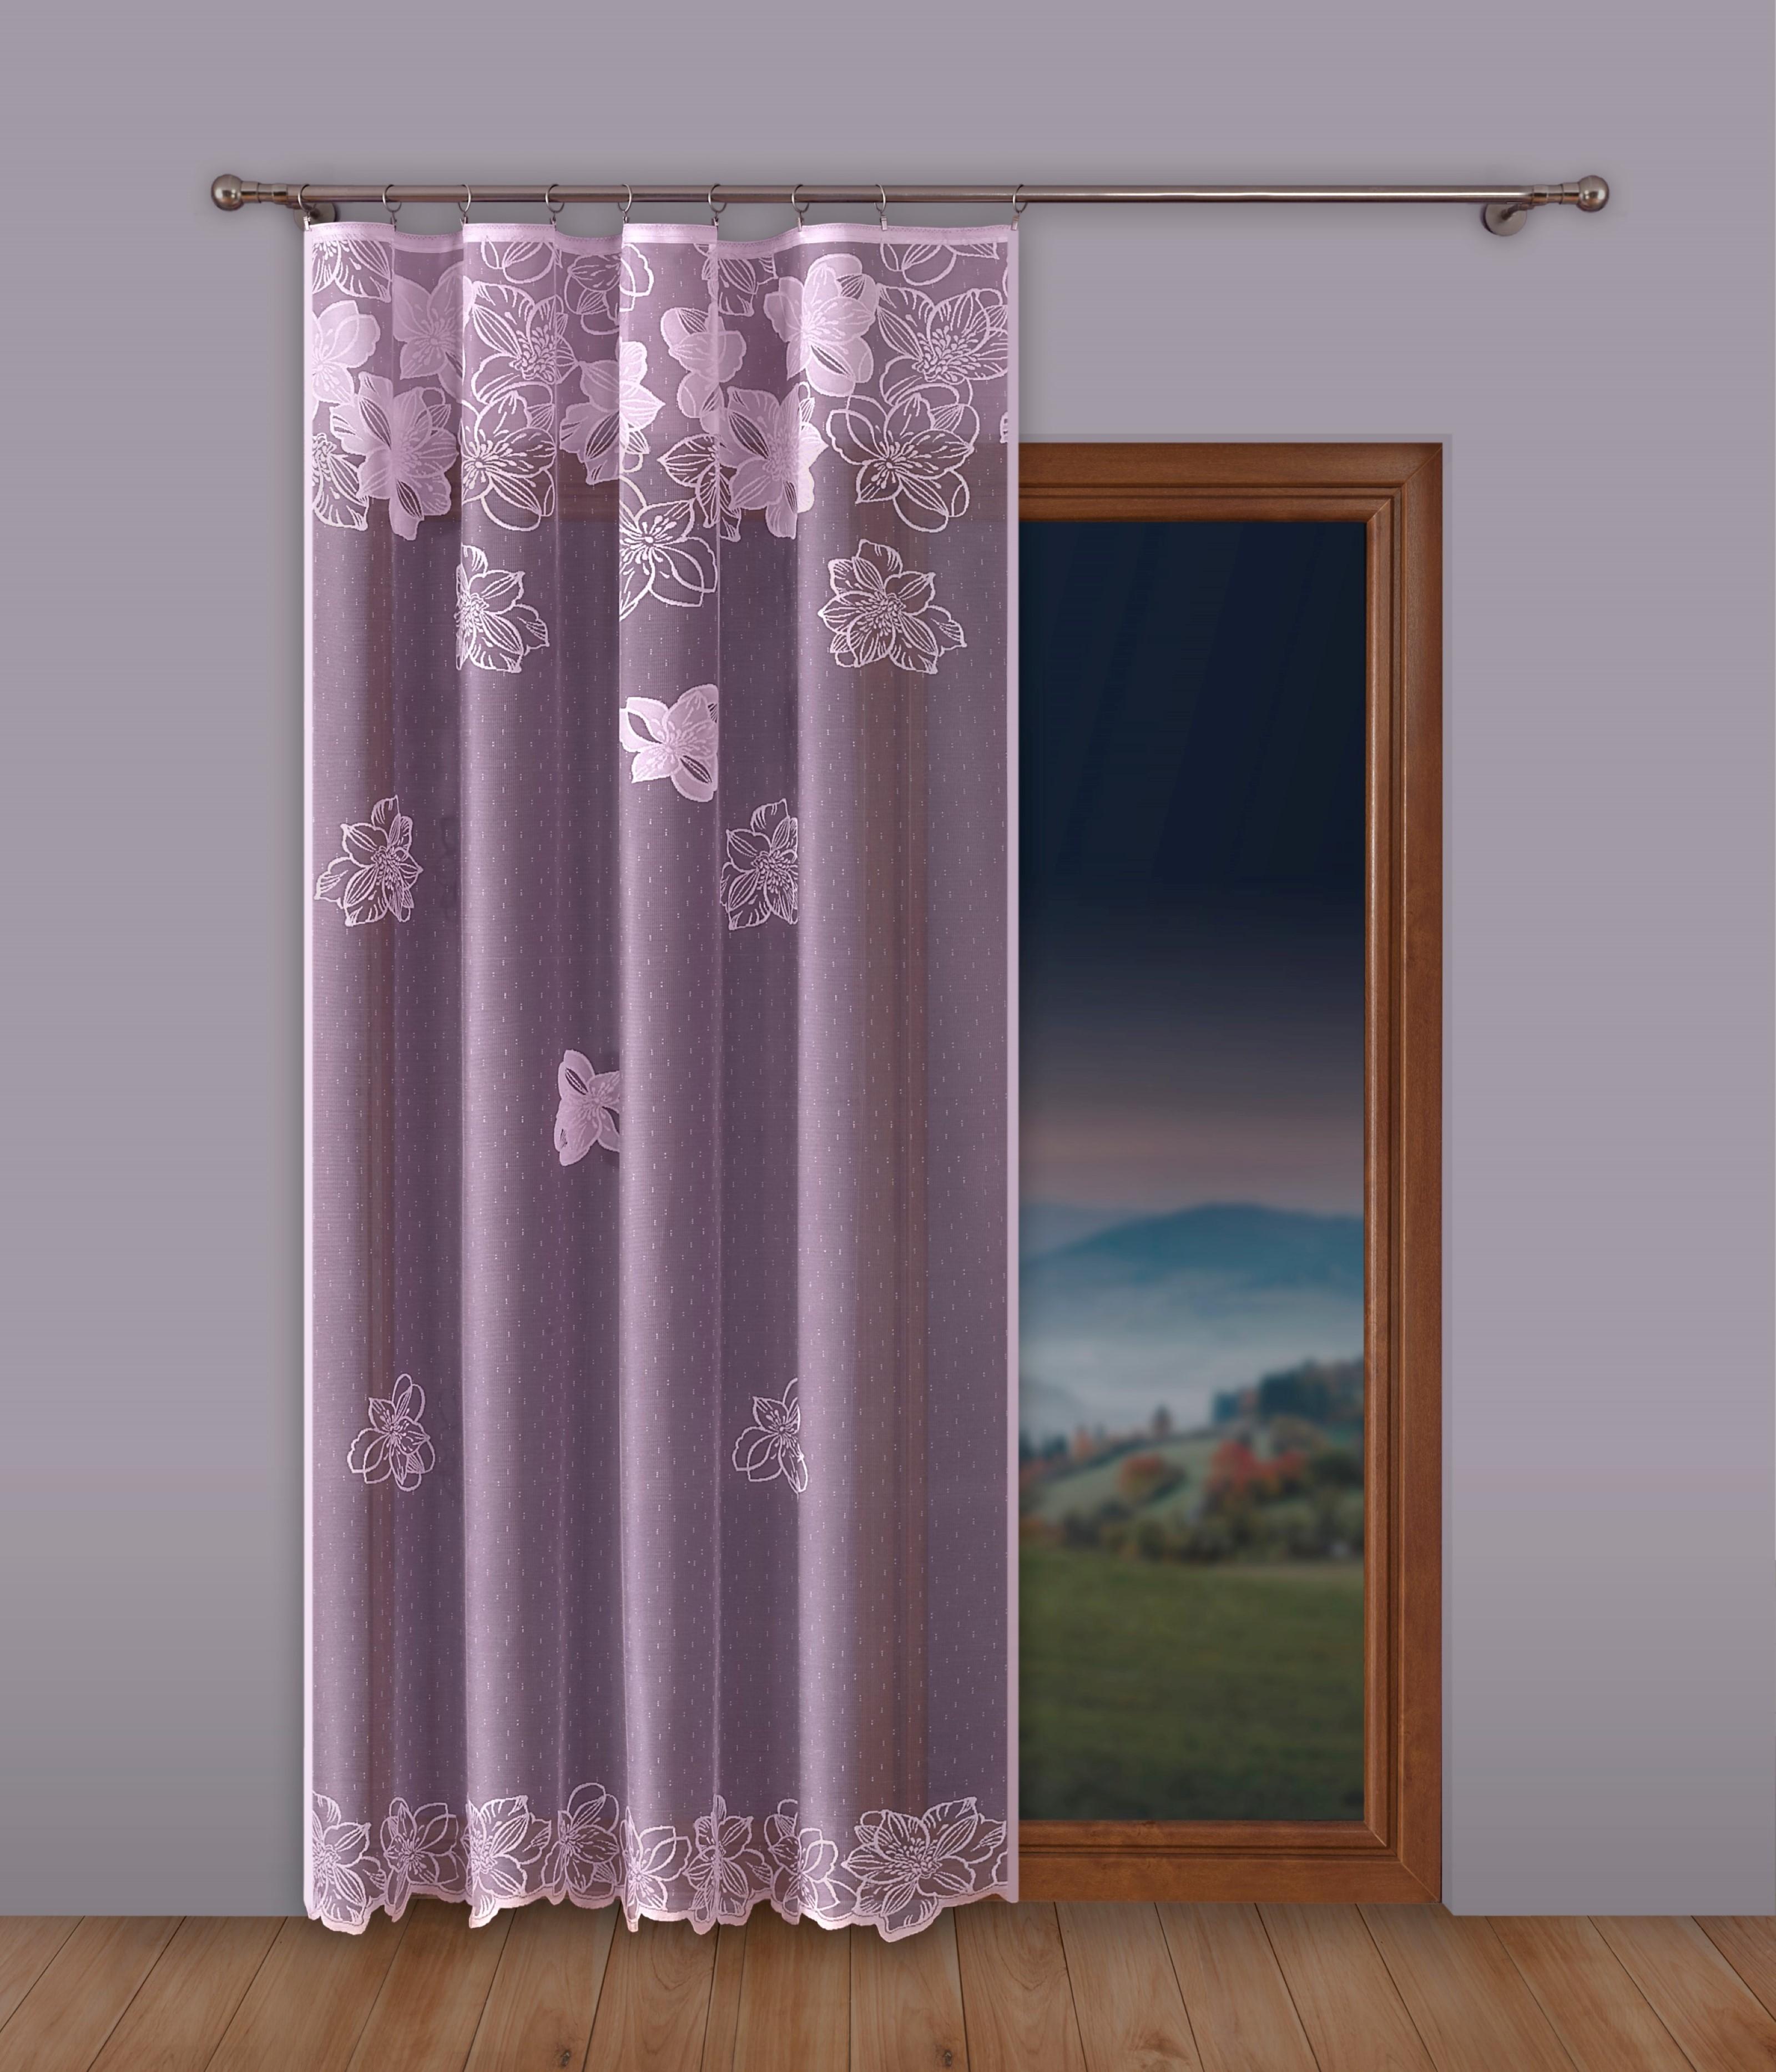 Шторы Primavera Классические шторы Maev Цвет: Сиреневый шторы primavera классические шторы caroline цвет сиреневый